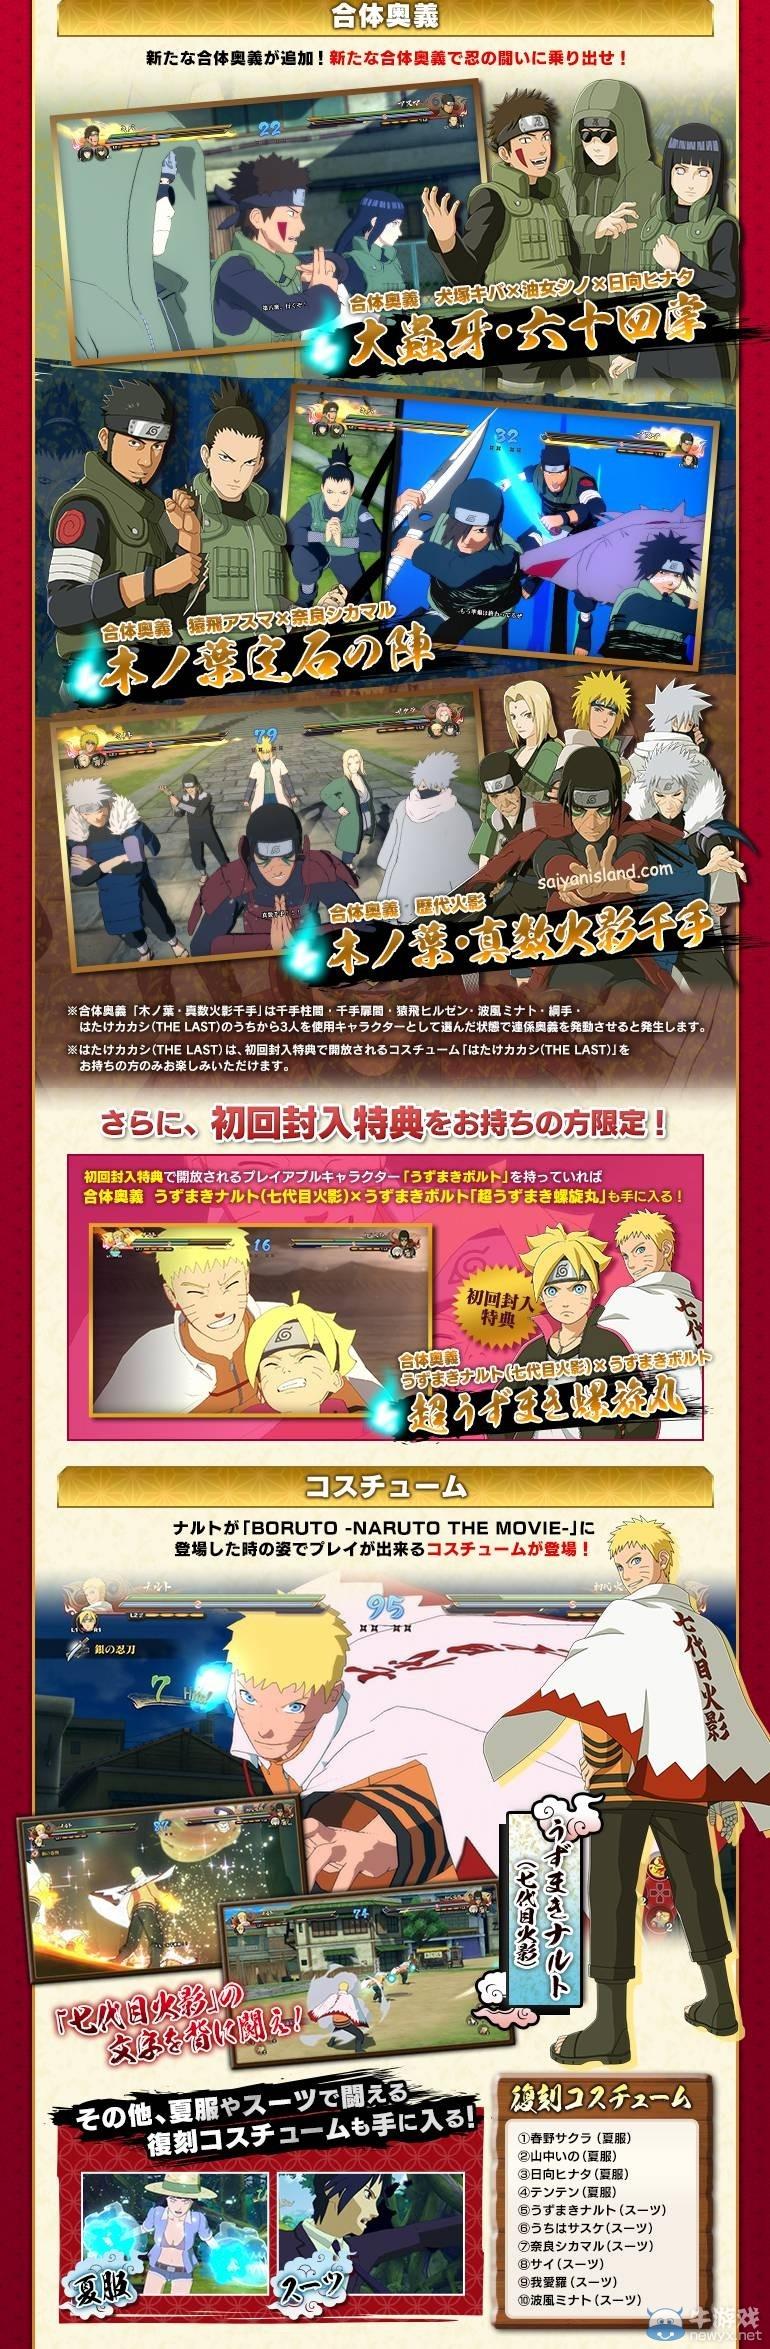 《火影忍者疾风传:究极忍者风暴4》DLC衣装截图放出